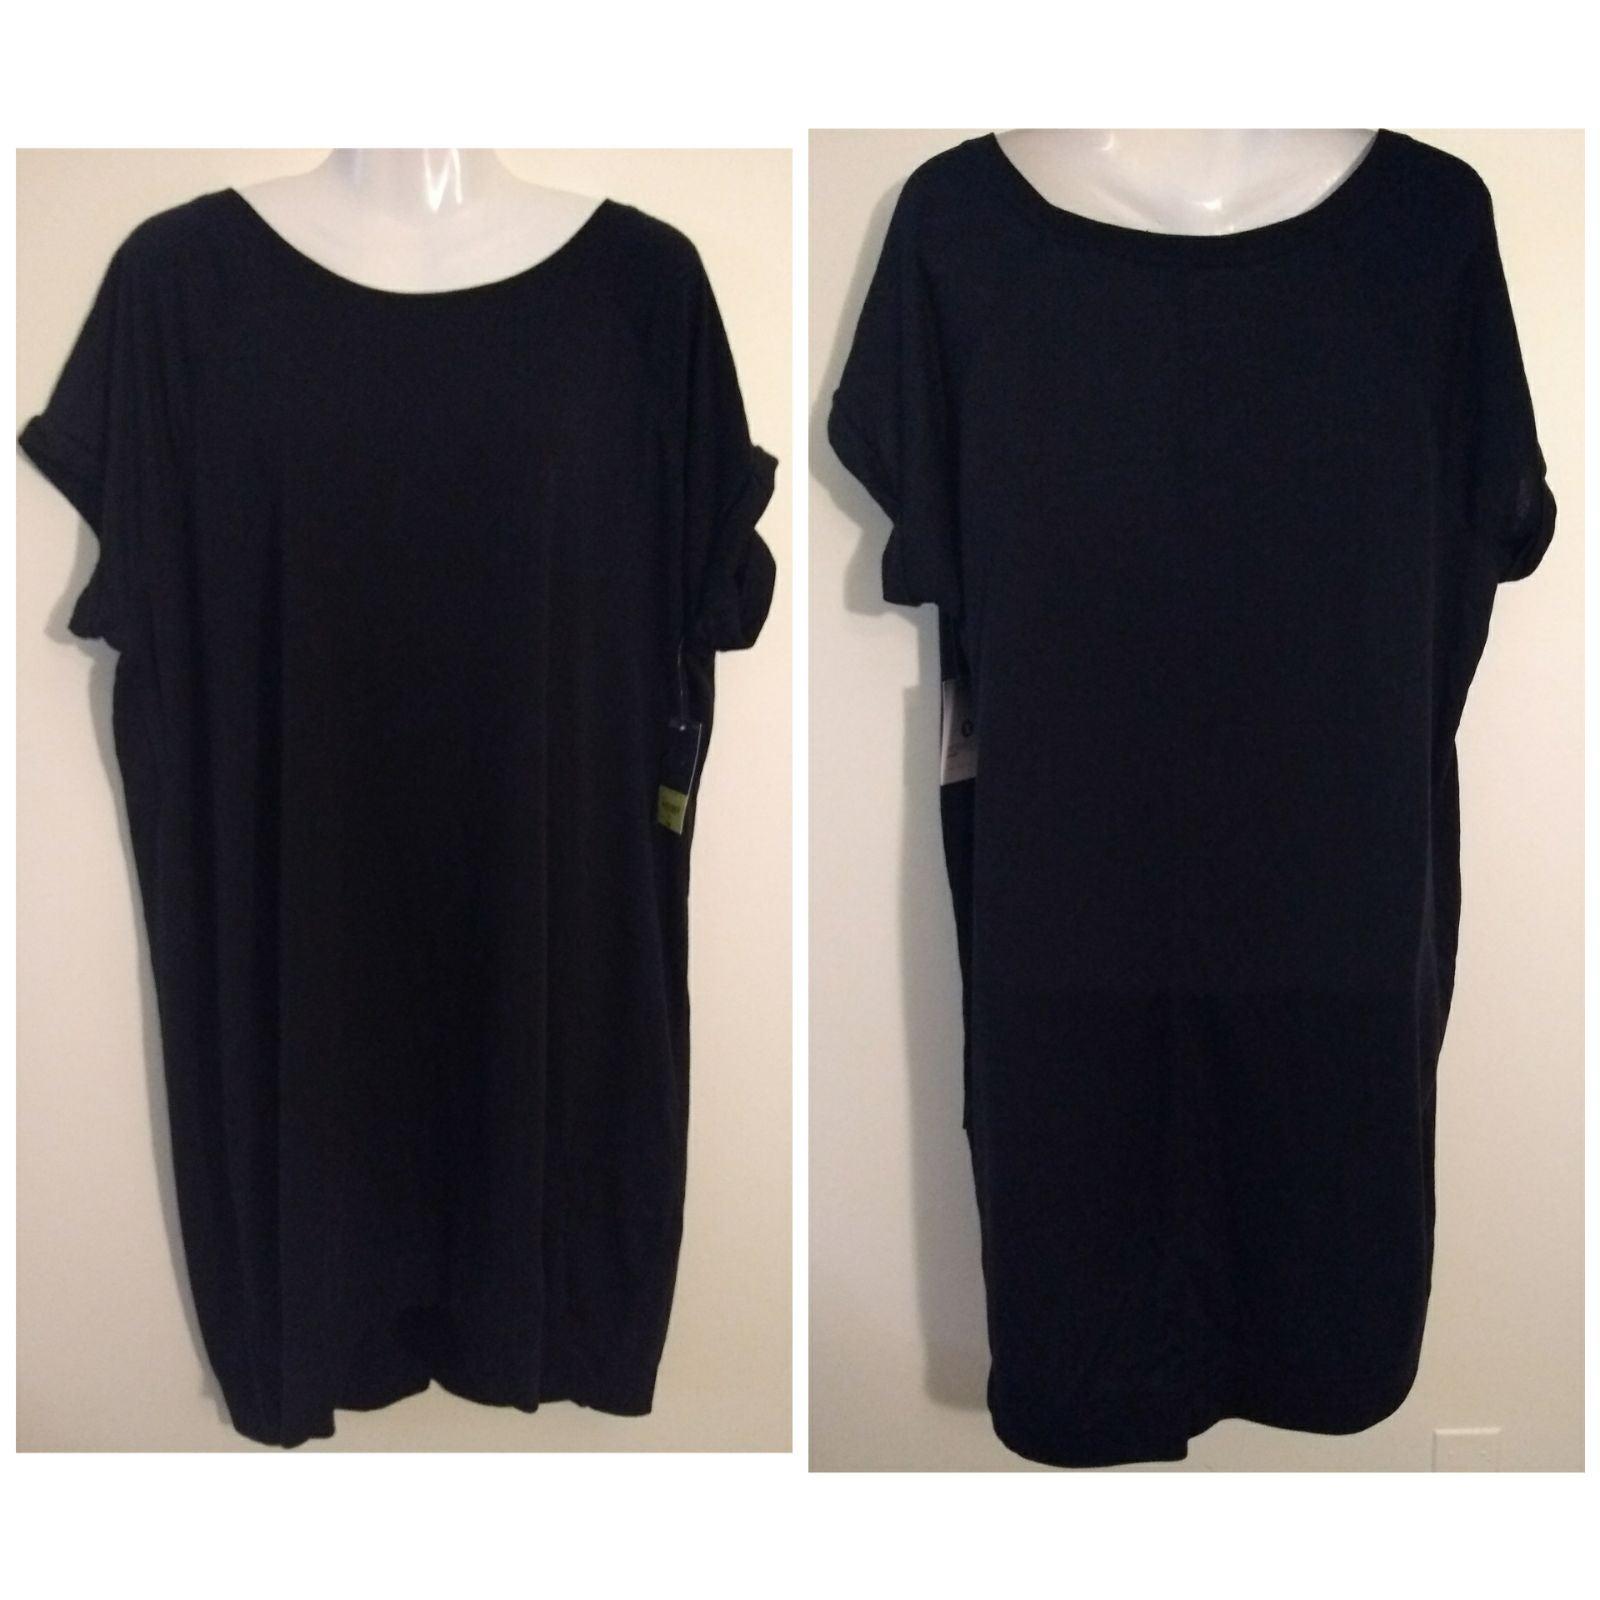 Xersion Plus Size Workout Dress *NWT